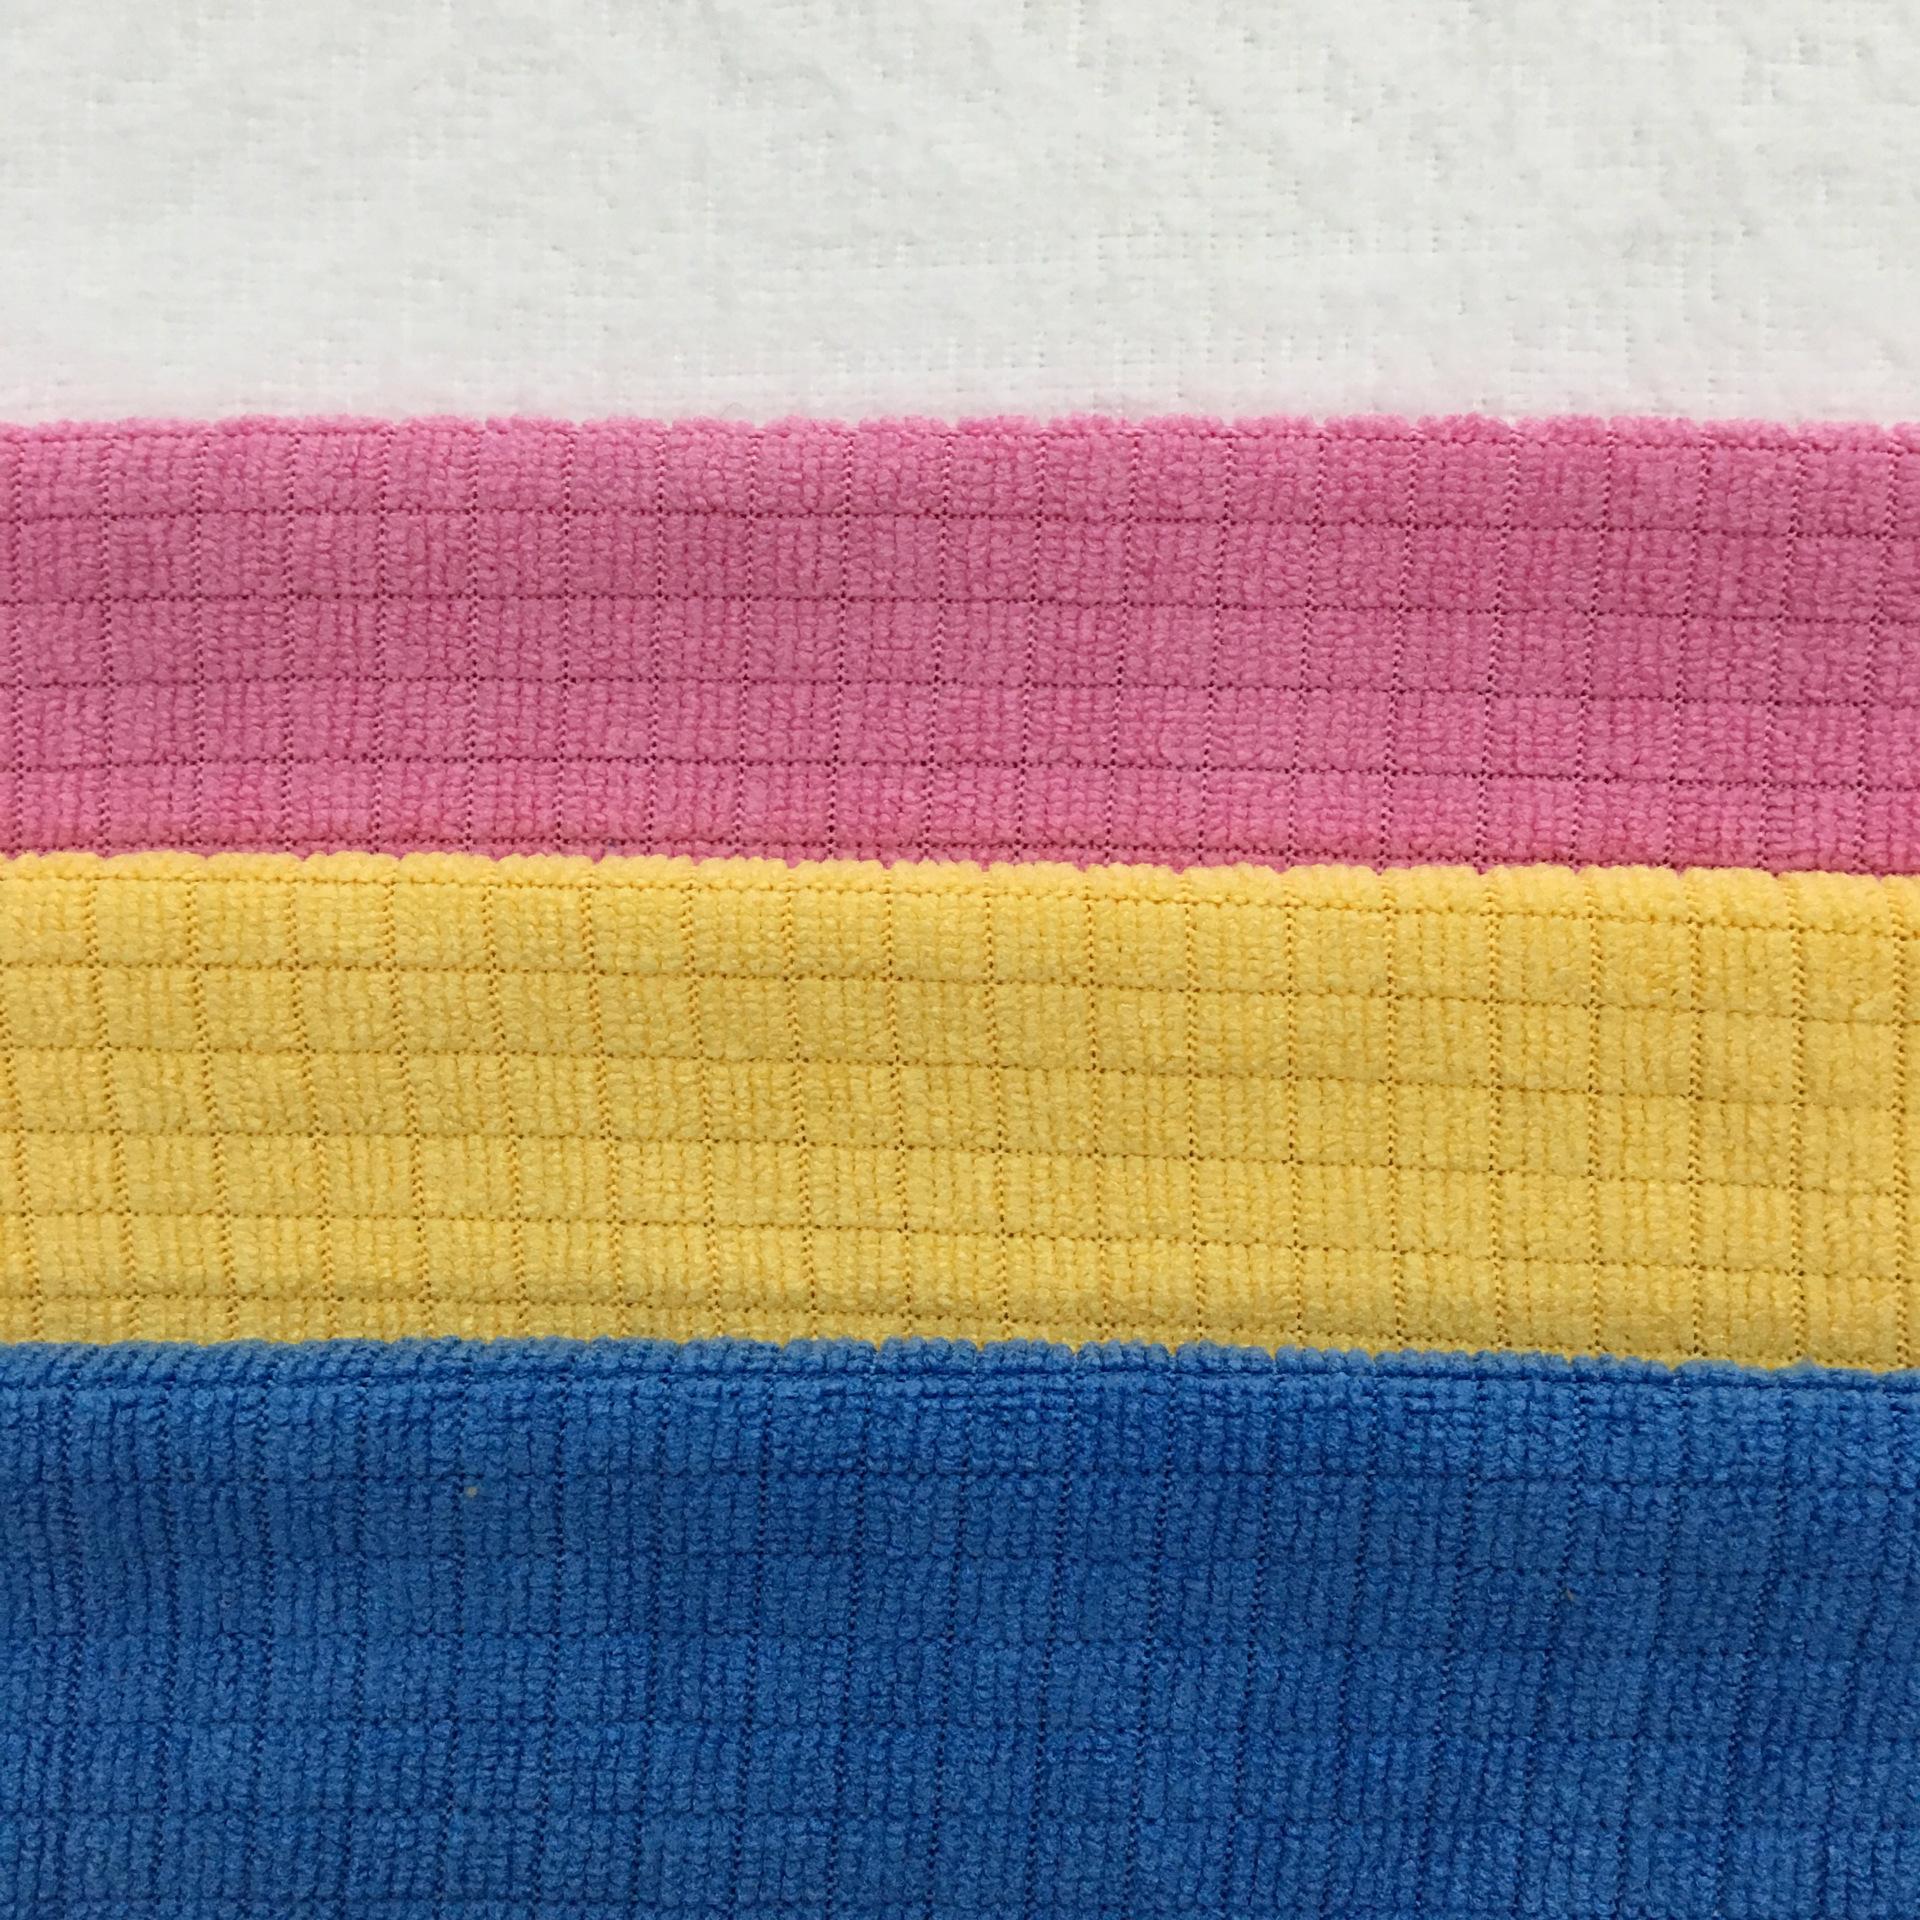 Áo choàng khăn vải sợi rất mỏng thấm nước gột cẩm vải khăn vải nhà sản xuất